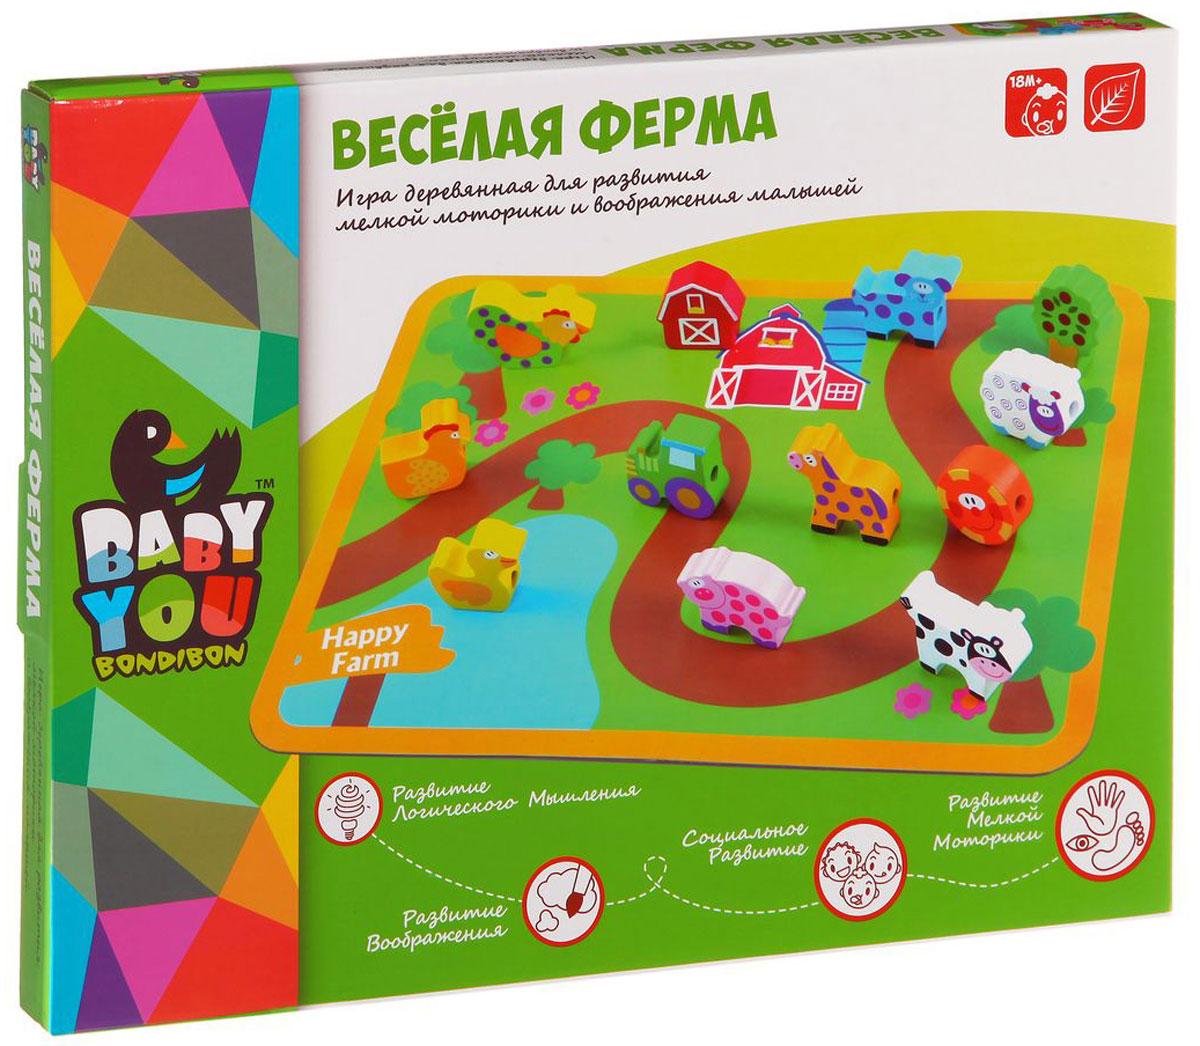 Bondibon Обучающая игра Веселая фермаВВ1109-1Обучающая игра Bondibon Веселая ферма поможет ребенку развить внимательность, логическое мышление, воображение и фантазию. Соединяя деревянные фигурки животных с помощью шнурка, и находя связь между ними, ребенок будет развивать мелкую моторику рук. Фигурки выполнены из дерева, потому могут активно и долго использоваться в играх. Мудрые родители выбирают для своих малышей игрушки, которые обучают малыша в процессе увлекательной игры, формируют его внутренний мир и не вредят здоровью.